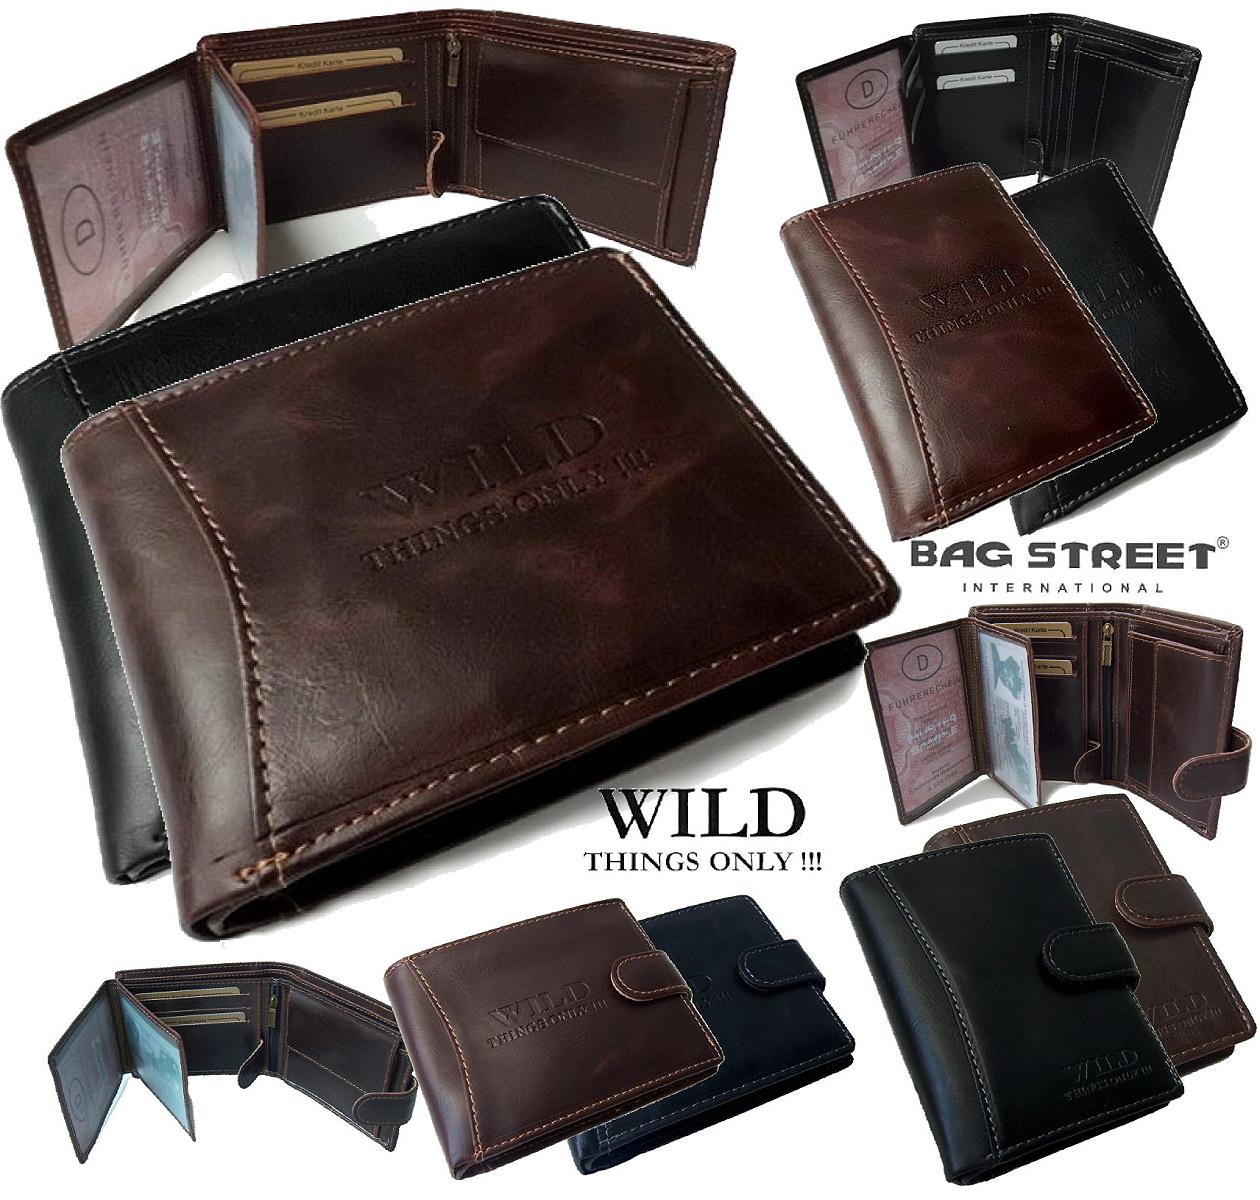 a0f1b88a4ba3d PV4  Portemonnaie Leder-Look Geldbörse Wild Things Geldbeutel Brieftasche  unisex